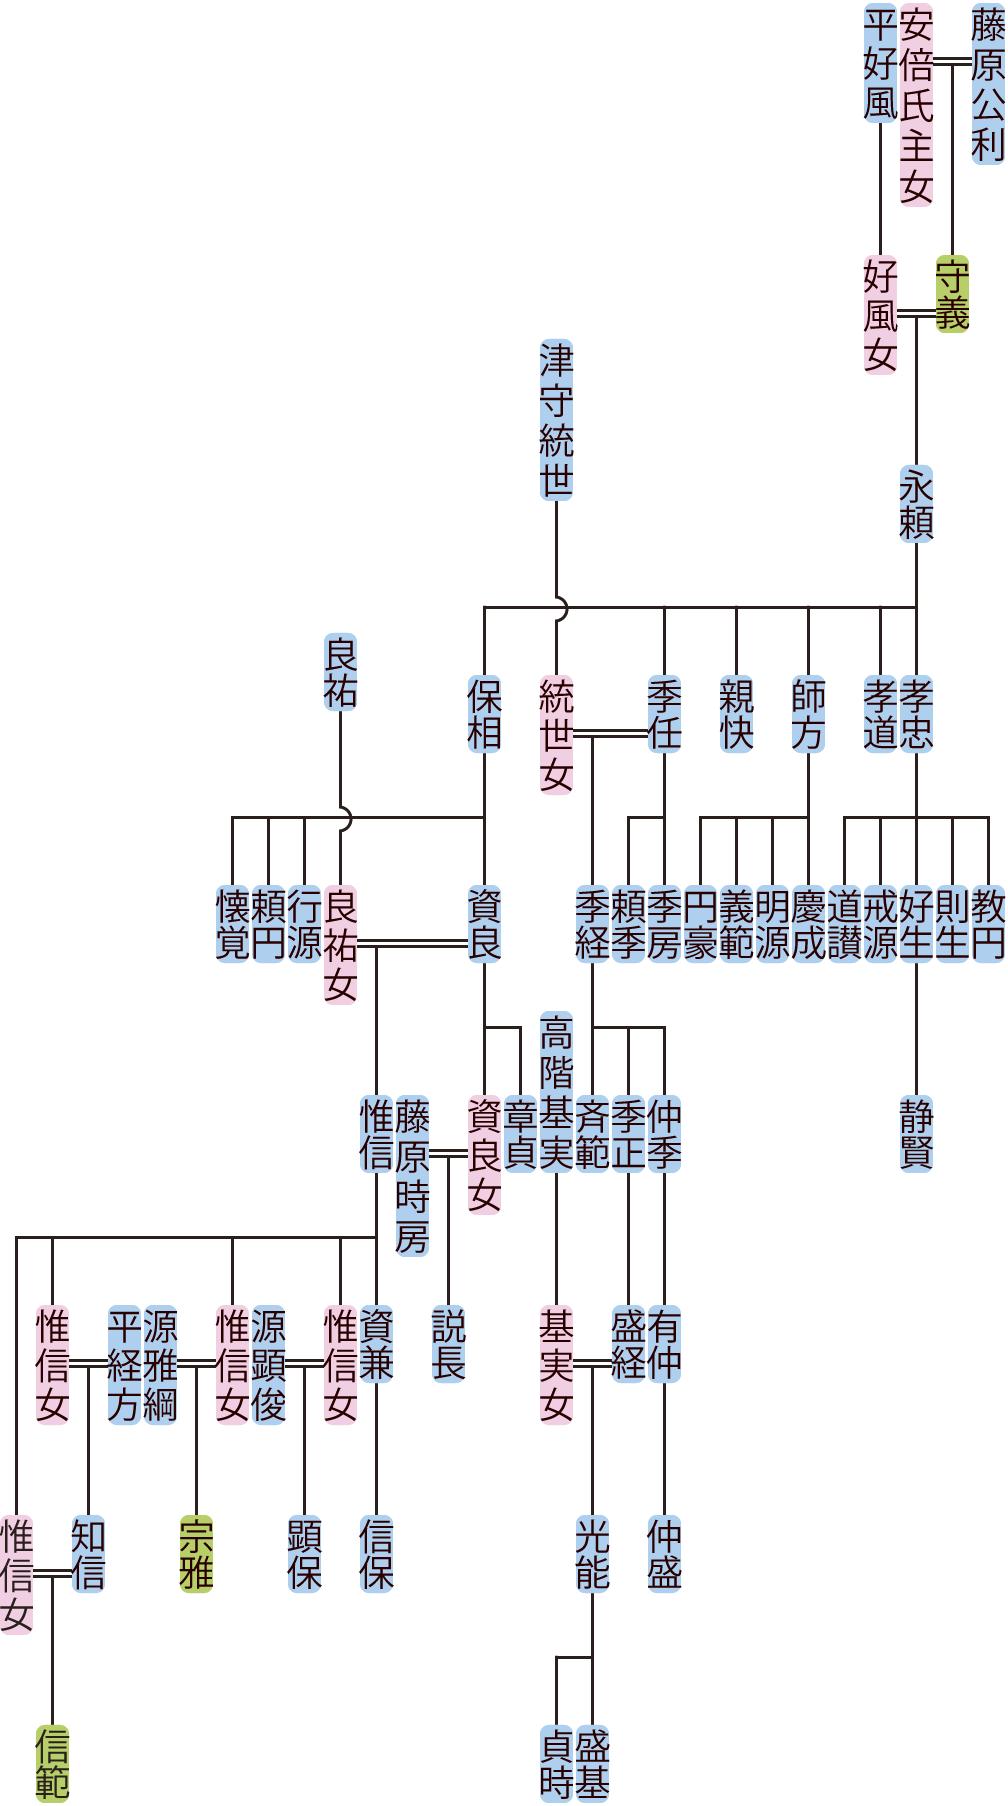 藤原永頼の系図